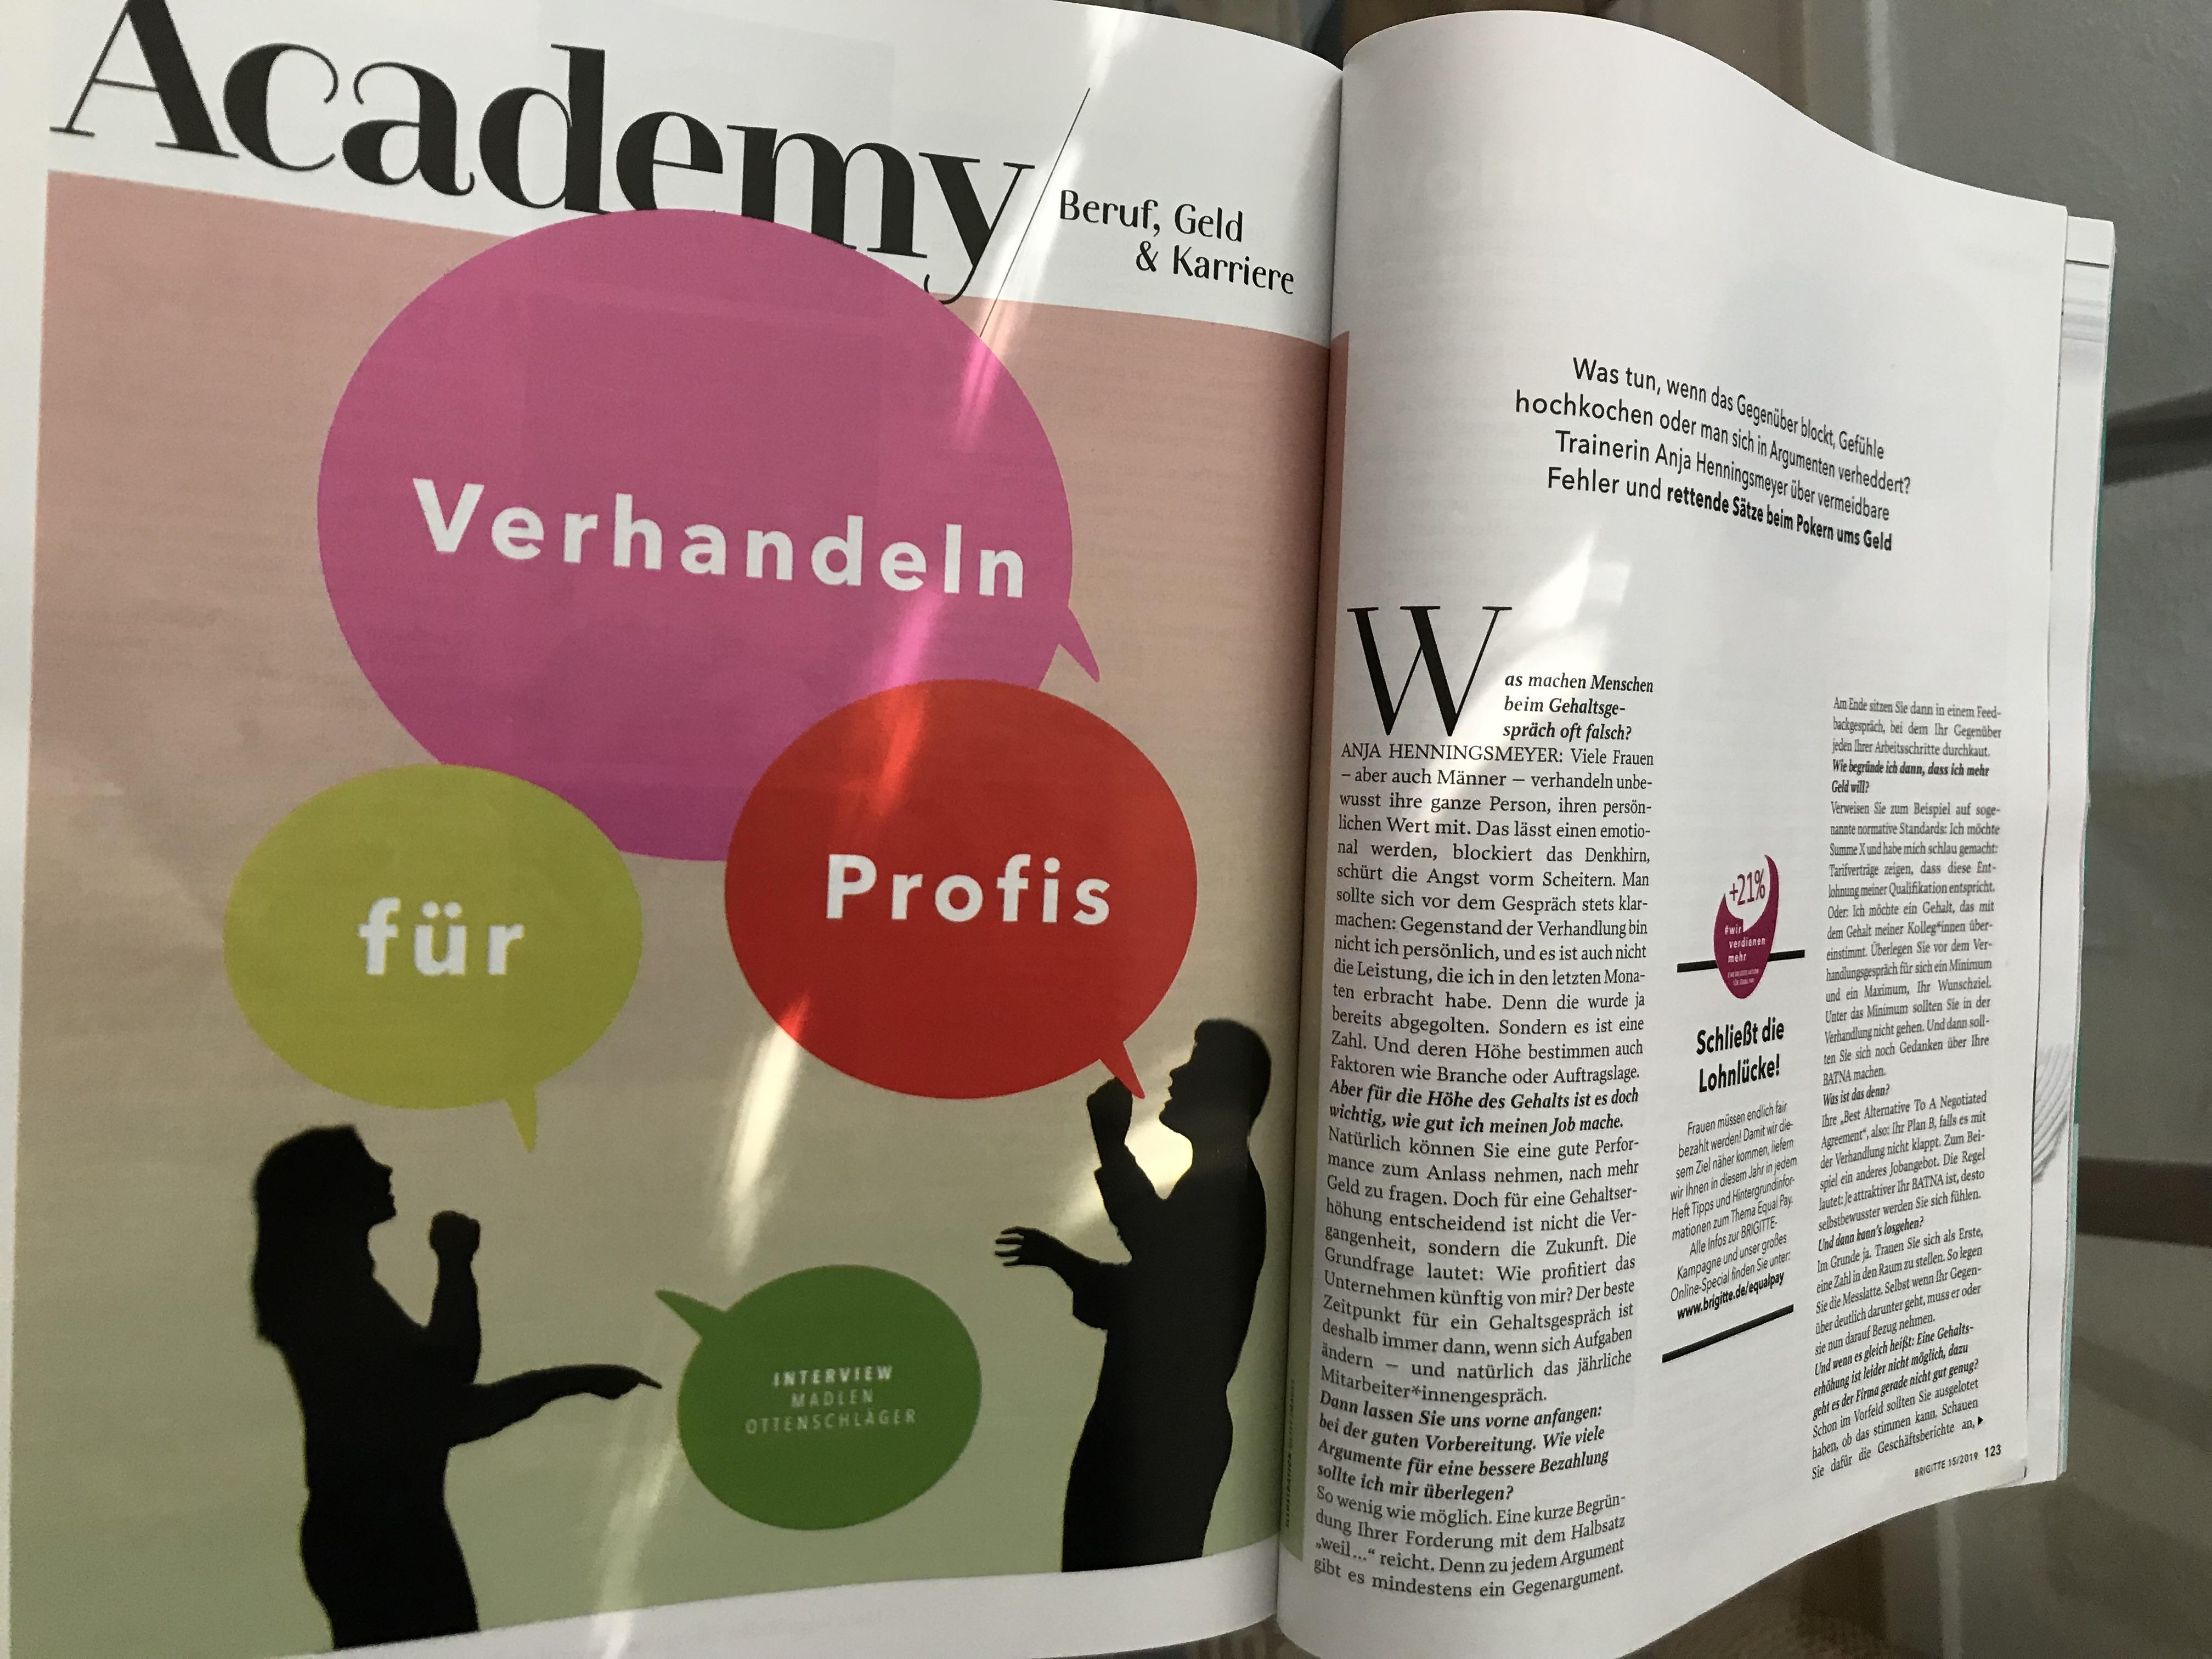 Artikel von Anja Henningsmeyer in der Frauenzeitschrift Brigitte Juli 2019